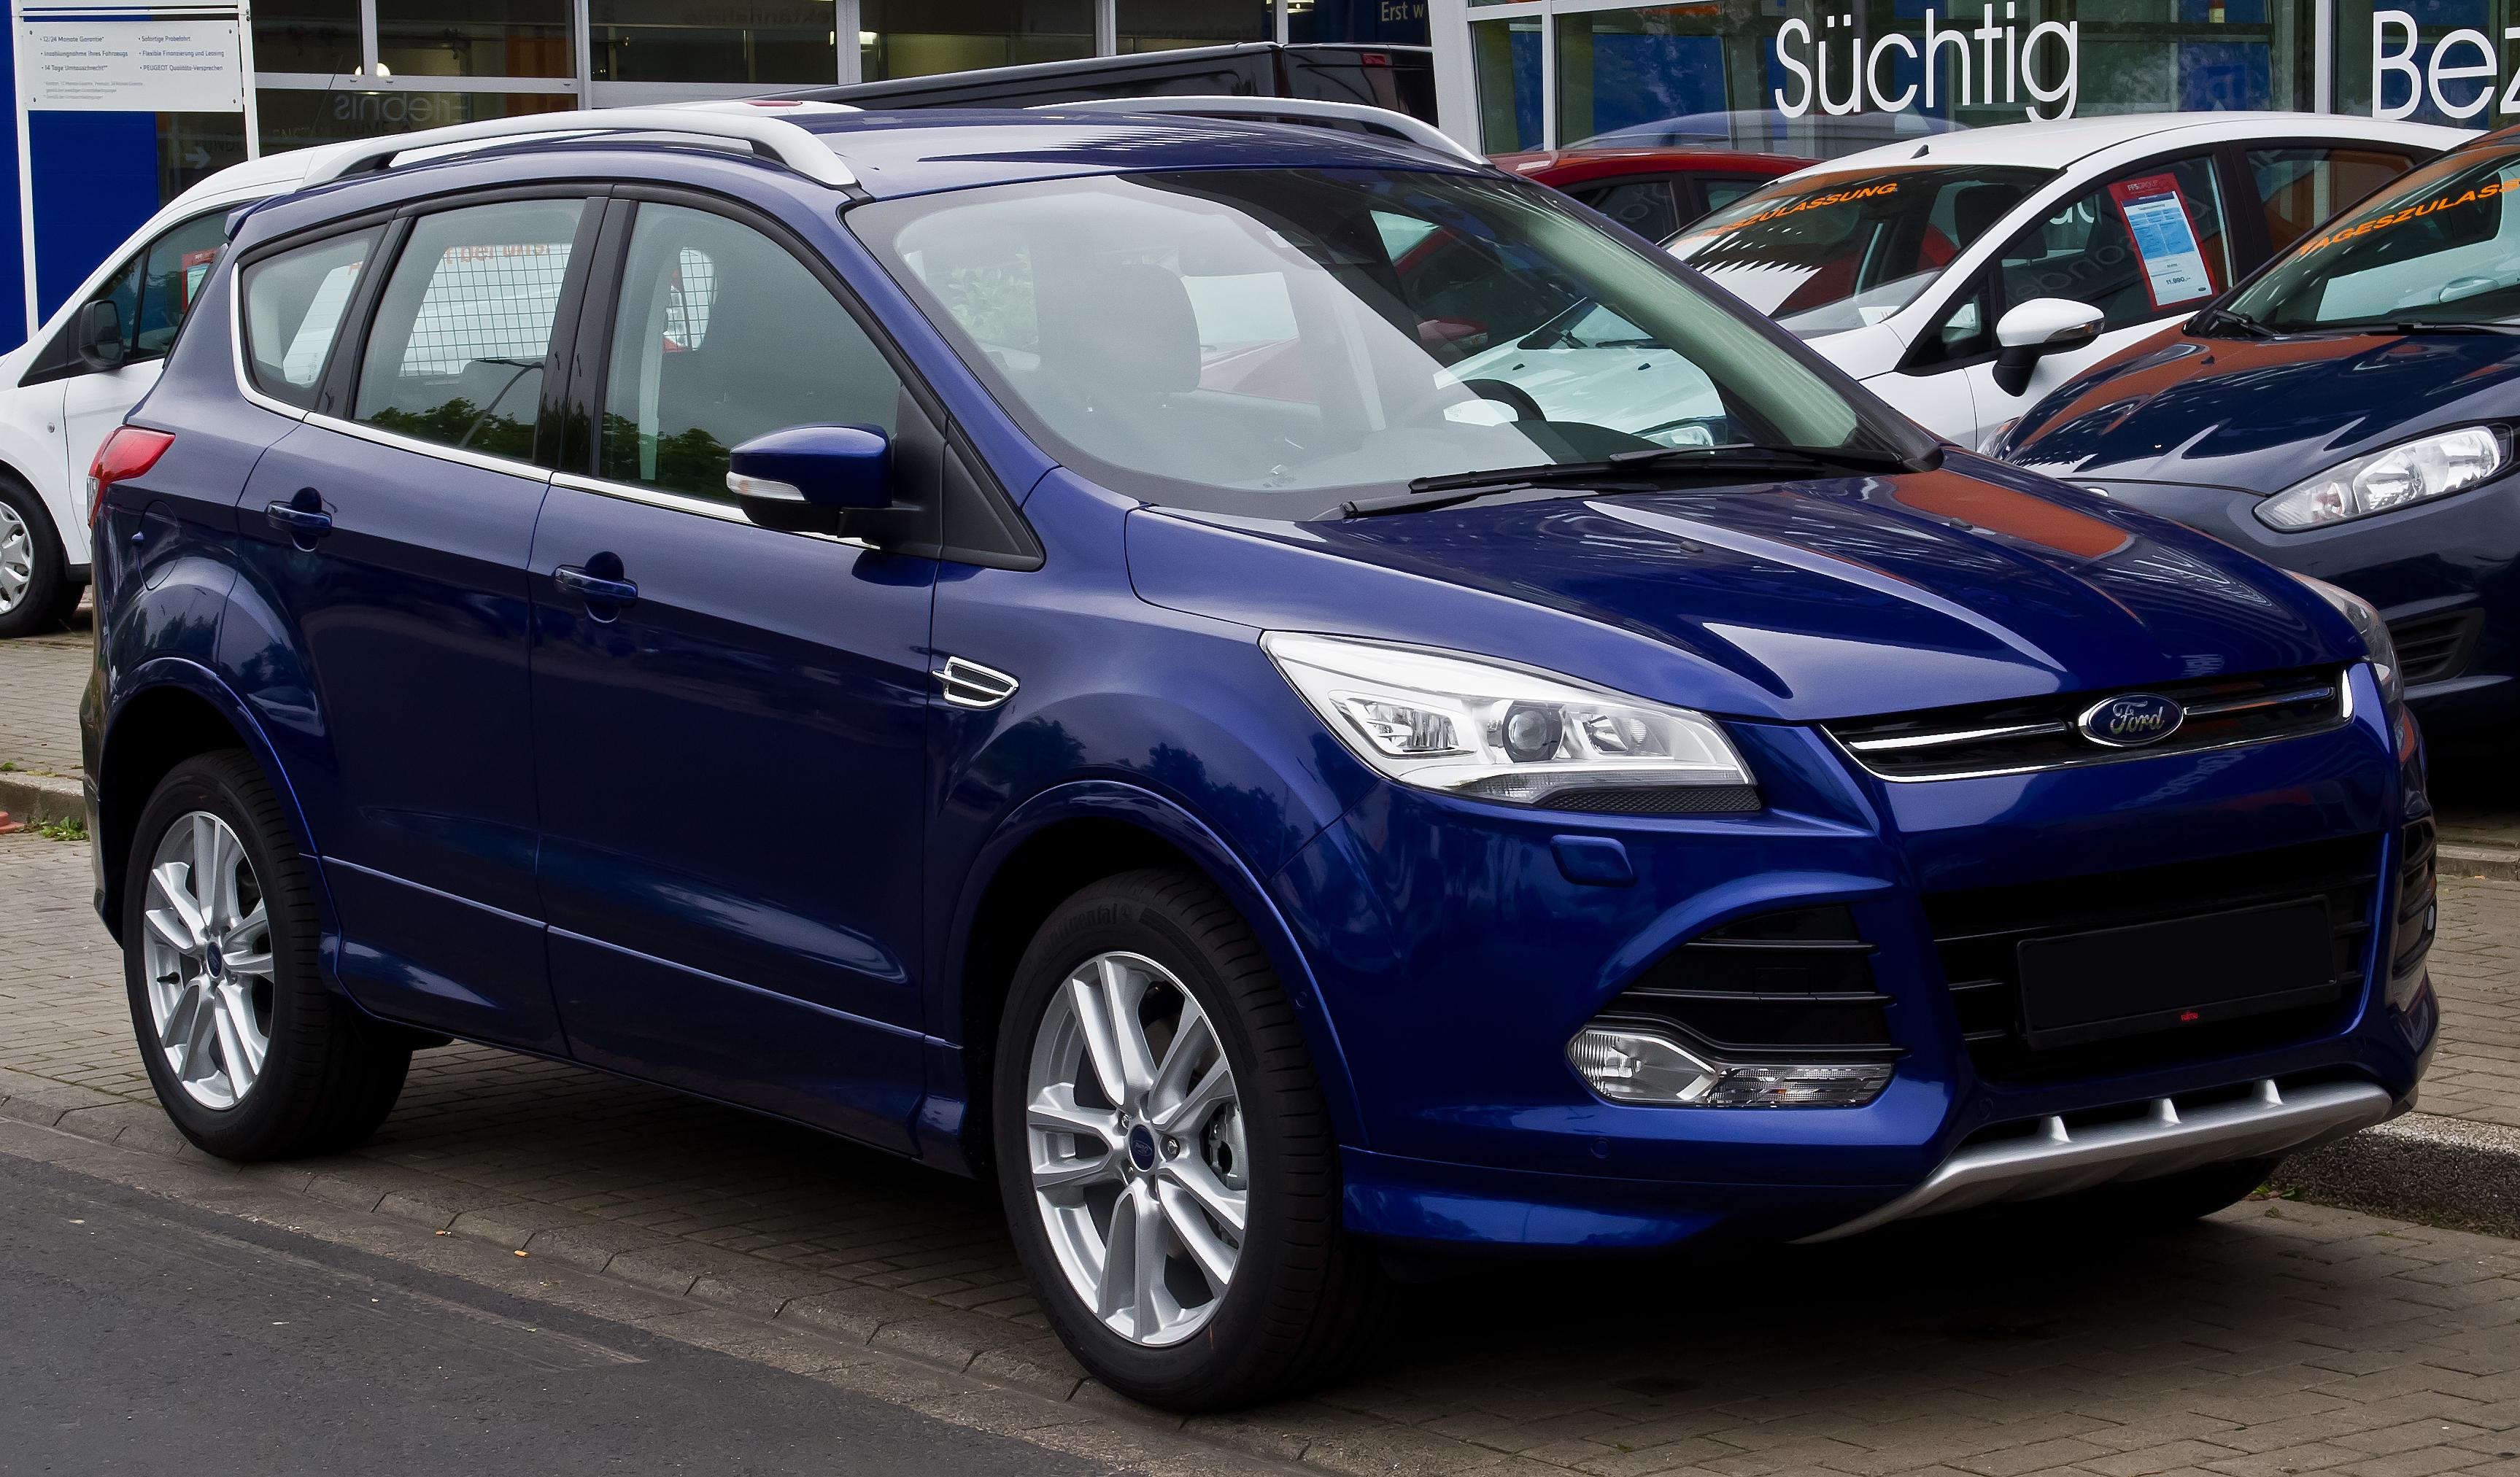 Image Result For Ford Kuga Cork